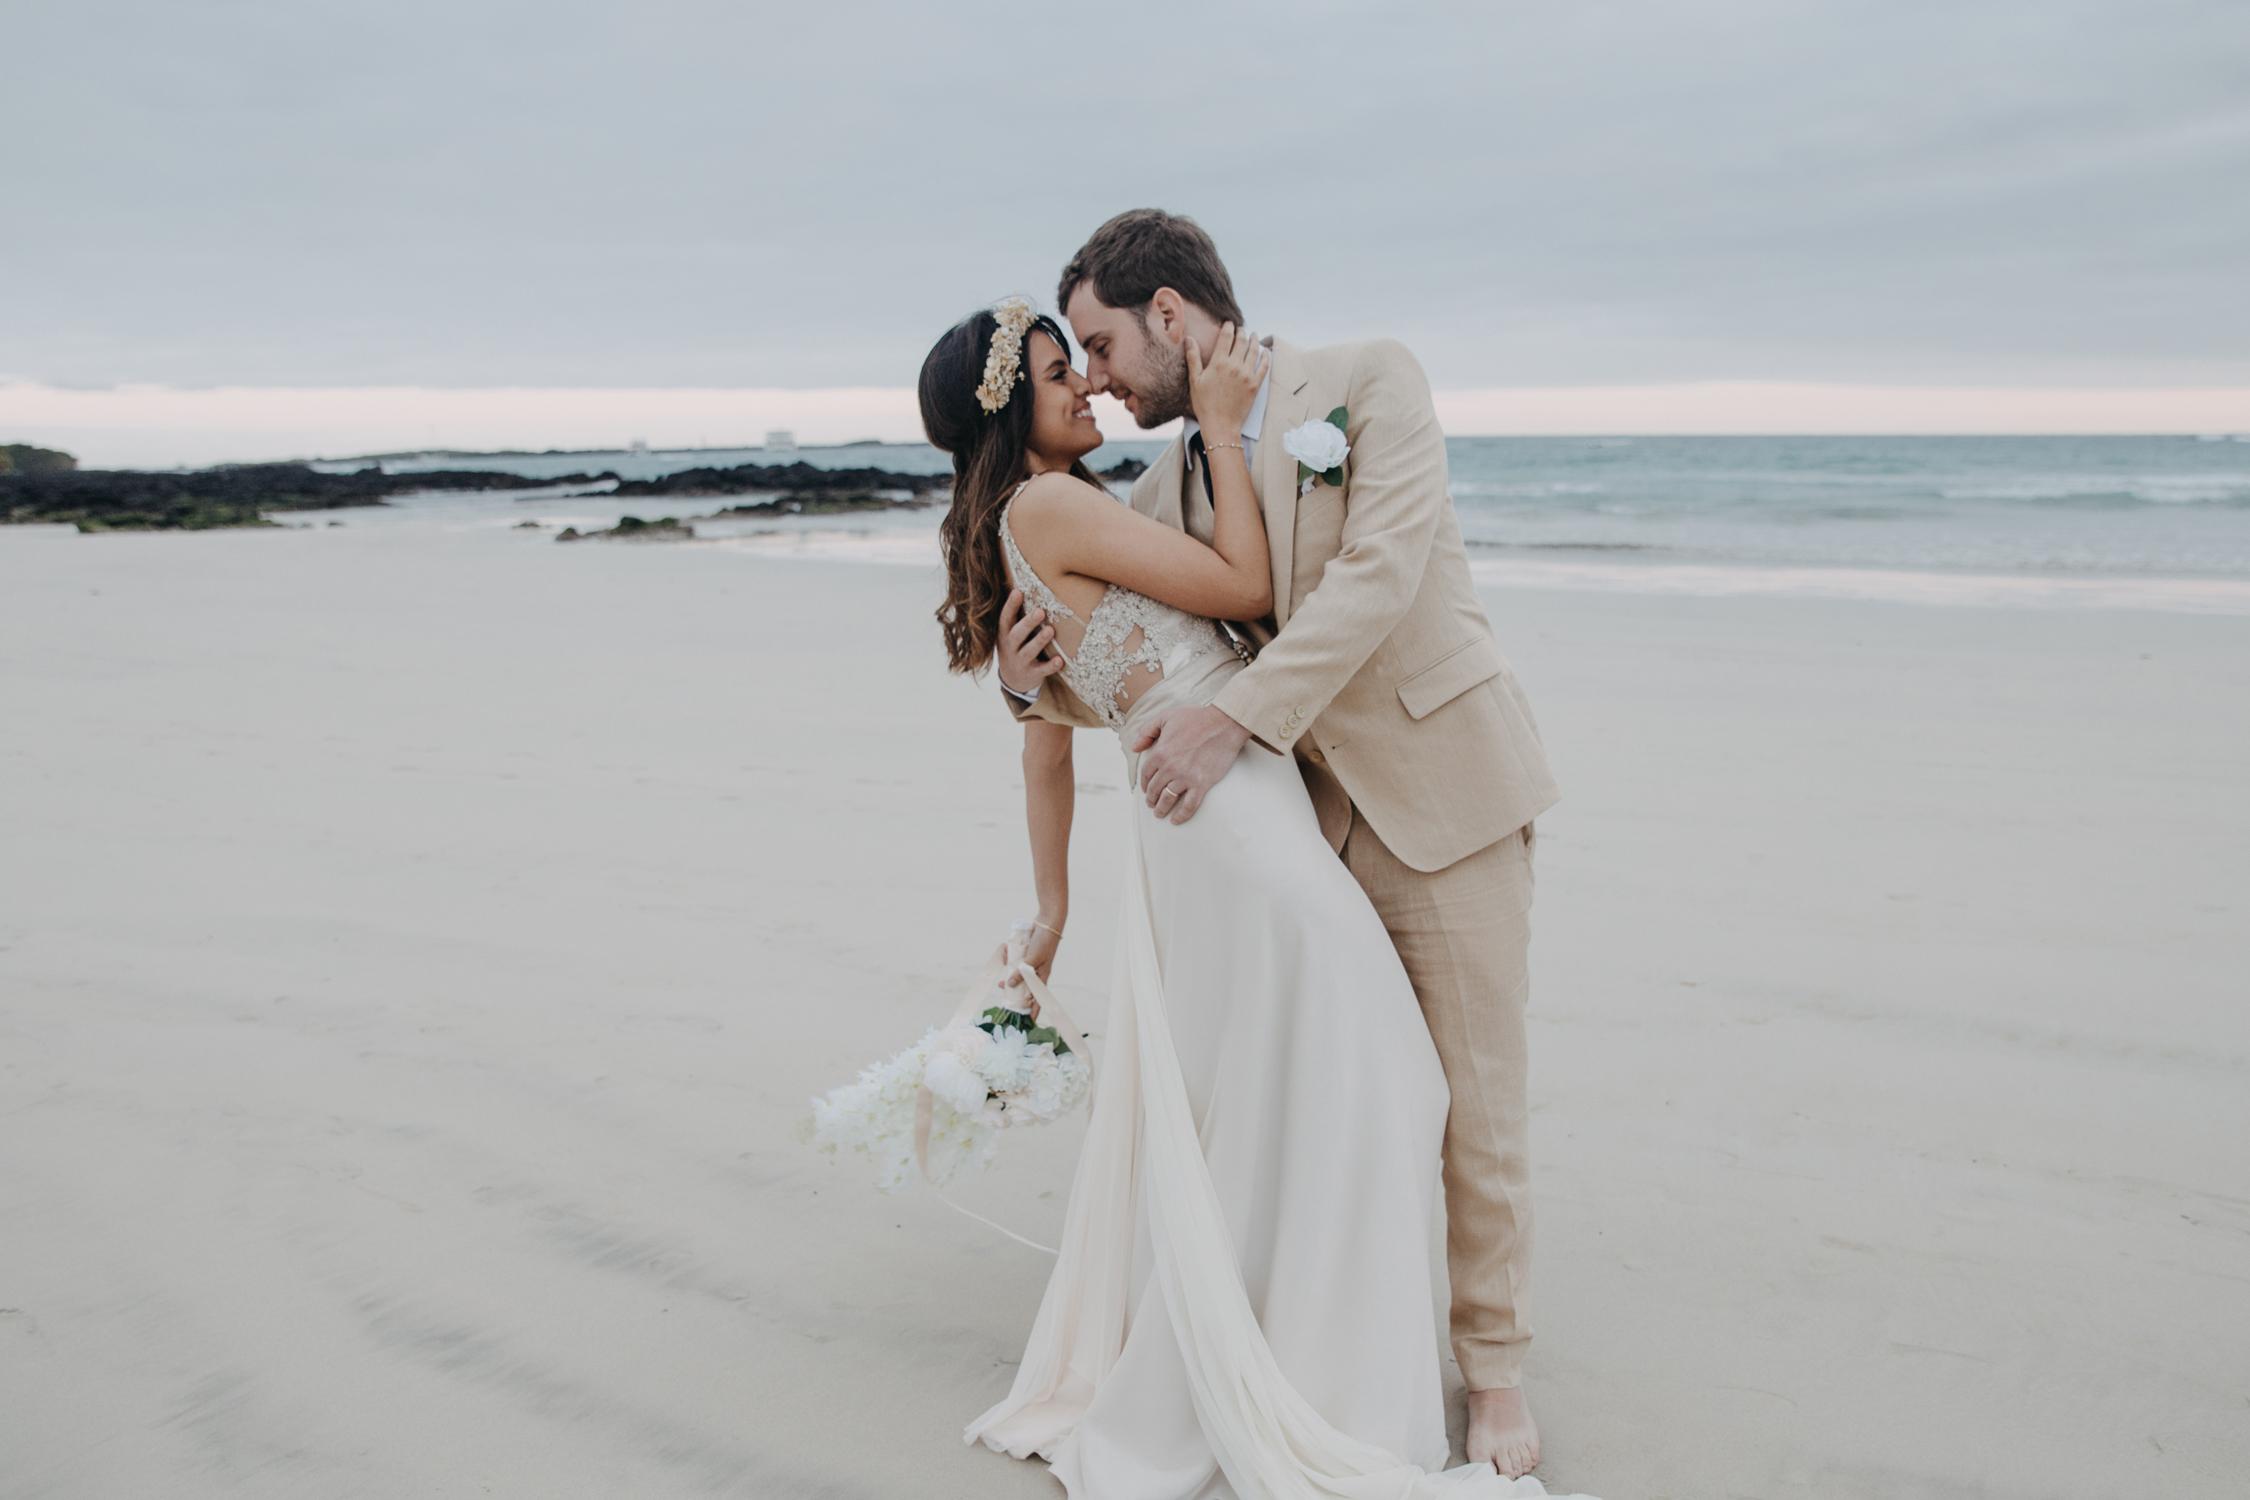 Michelle-Agurto-Fotografia-Bodas-Ecuador-Destination-Wedding-Photographer-Galapagos-Andrea-Joaquin-193.JPG